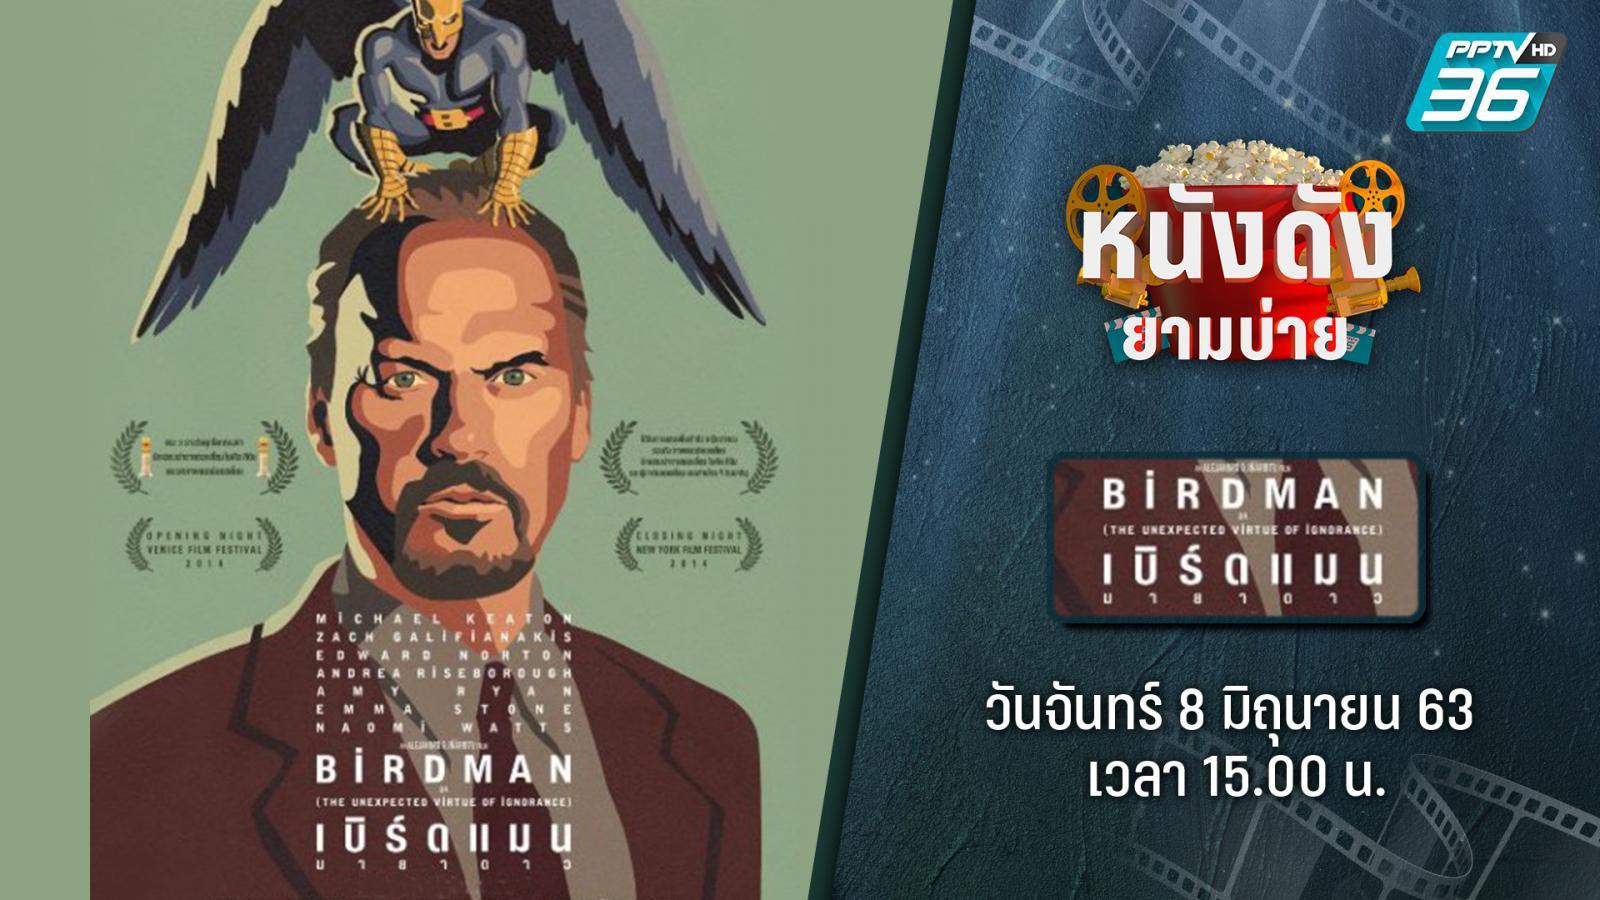 ดูหนัง birdman ใหม่